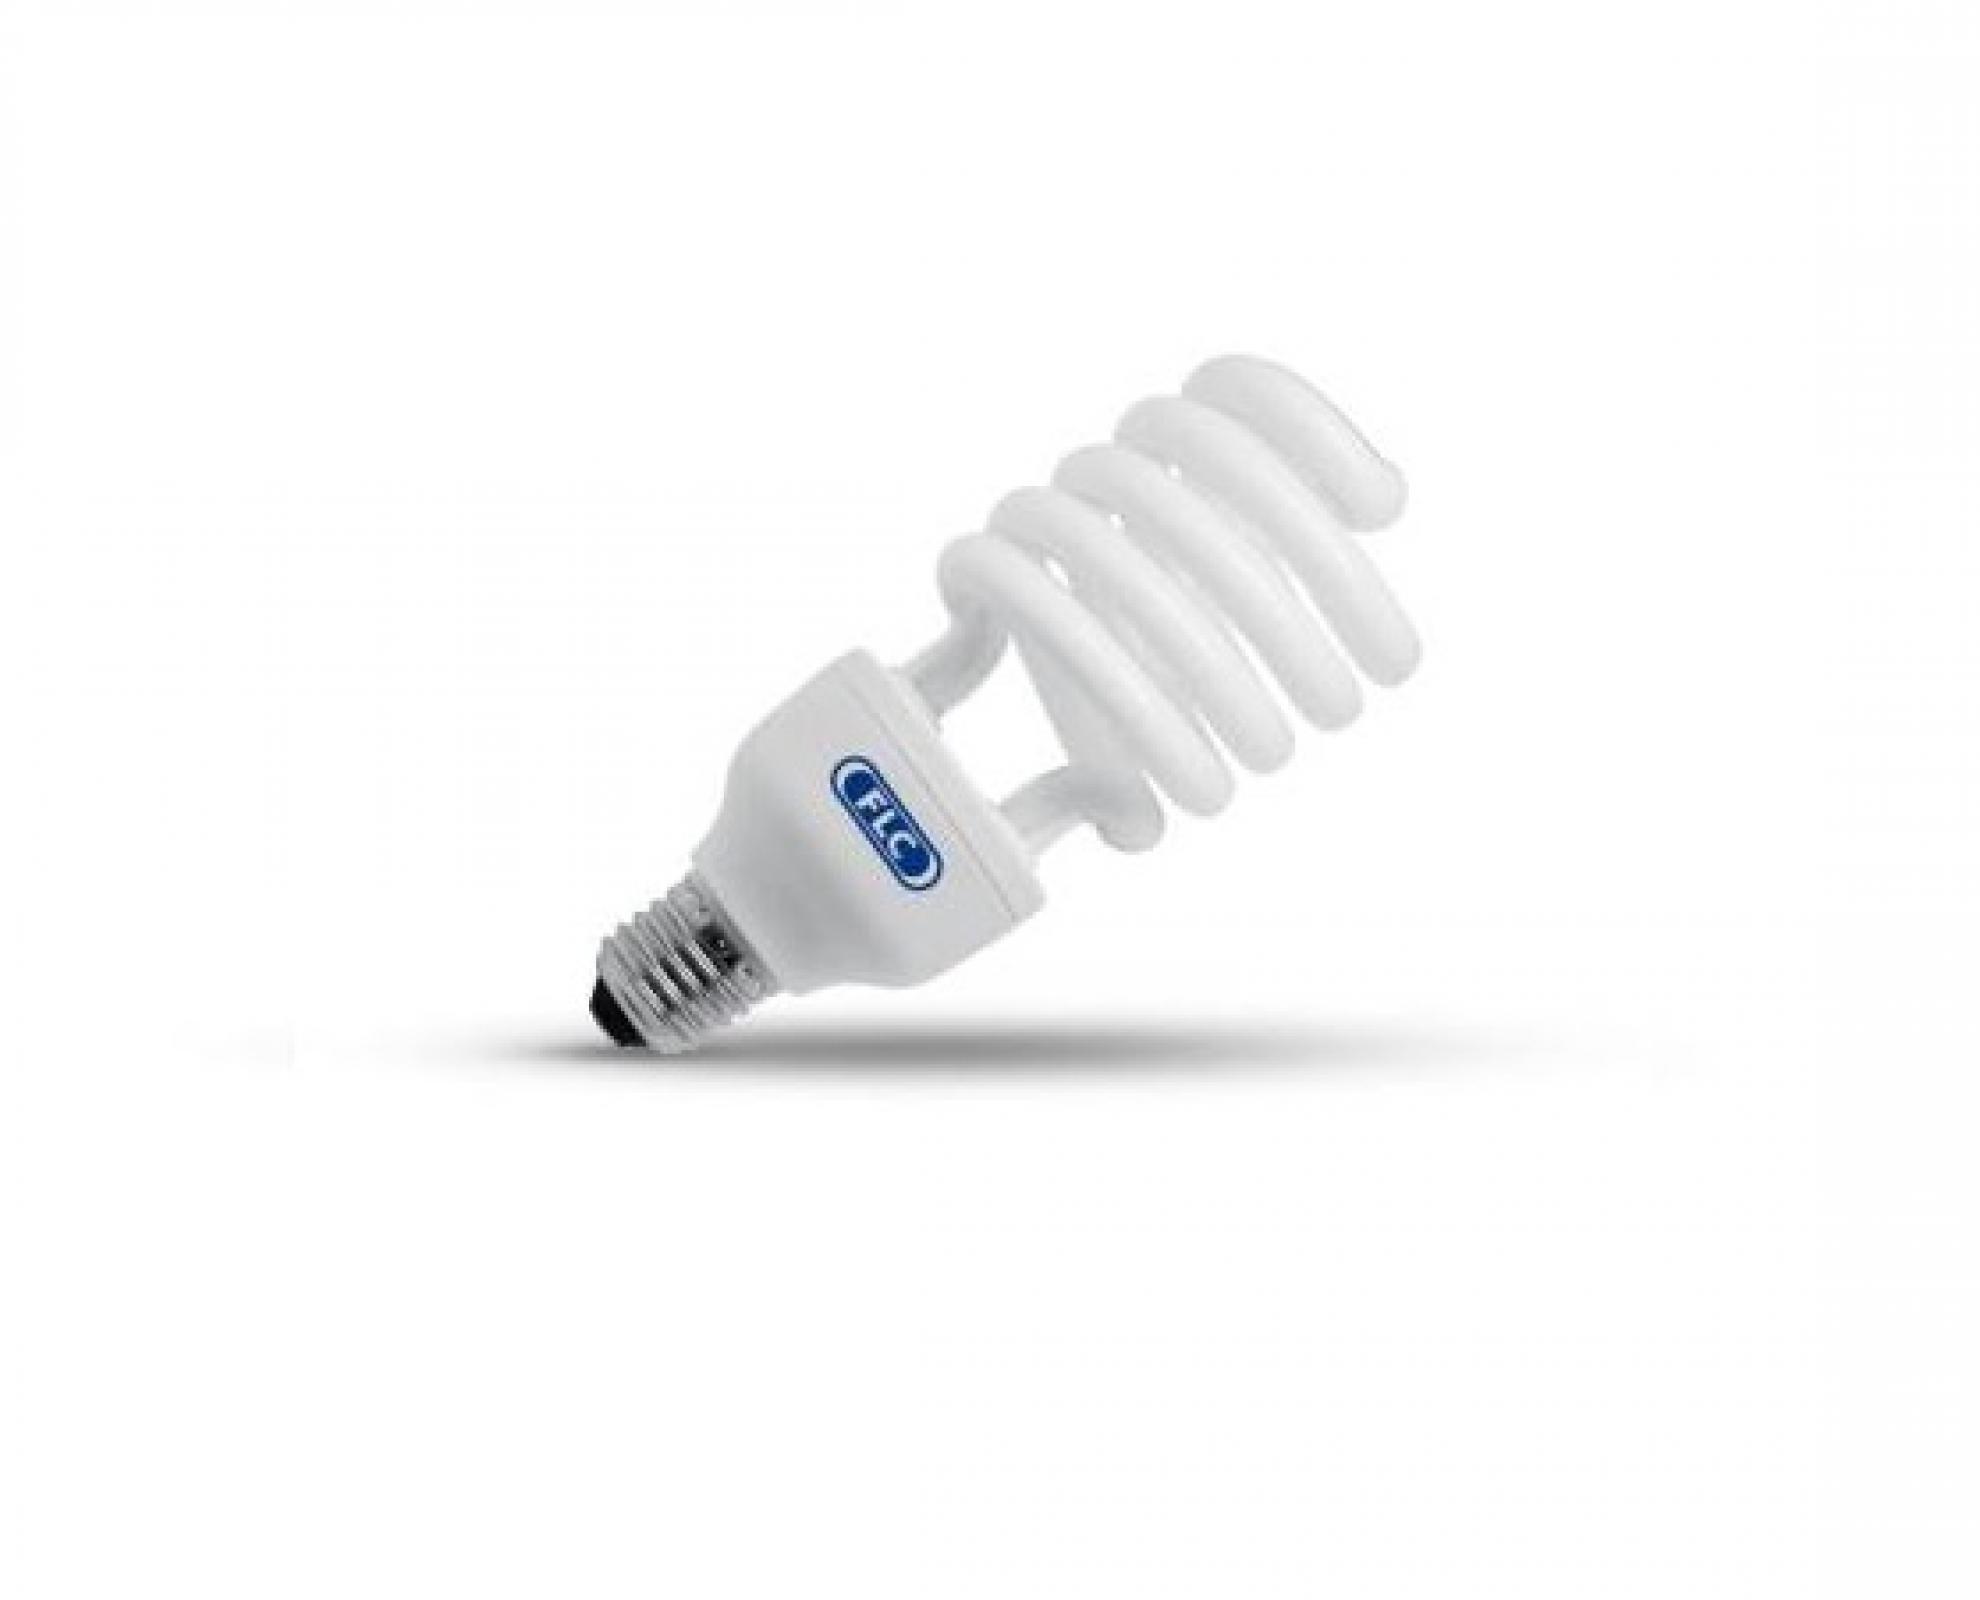 Lampada Espiral - Alto Fator 85W 220V E27